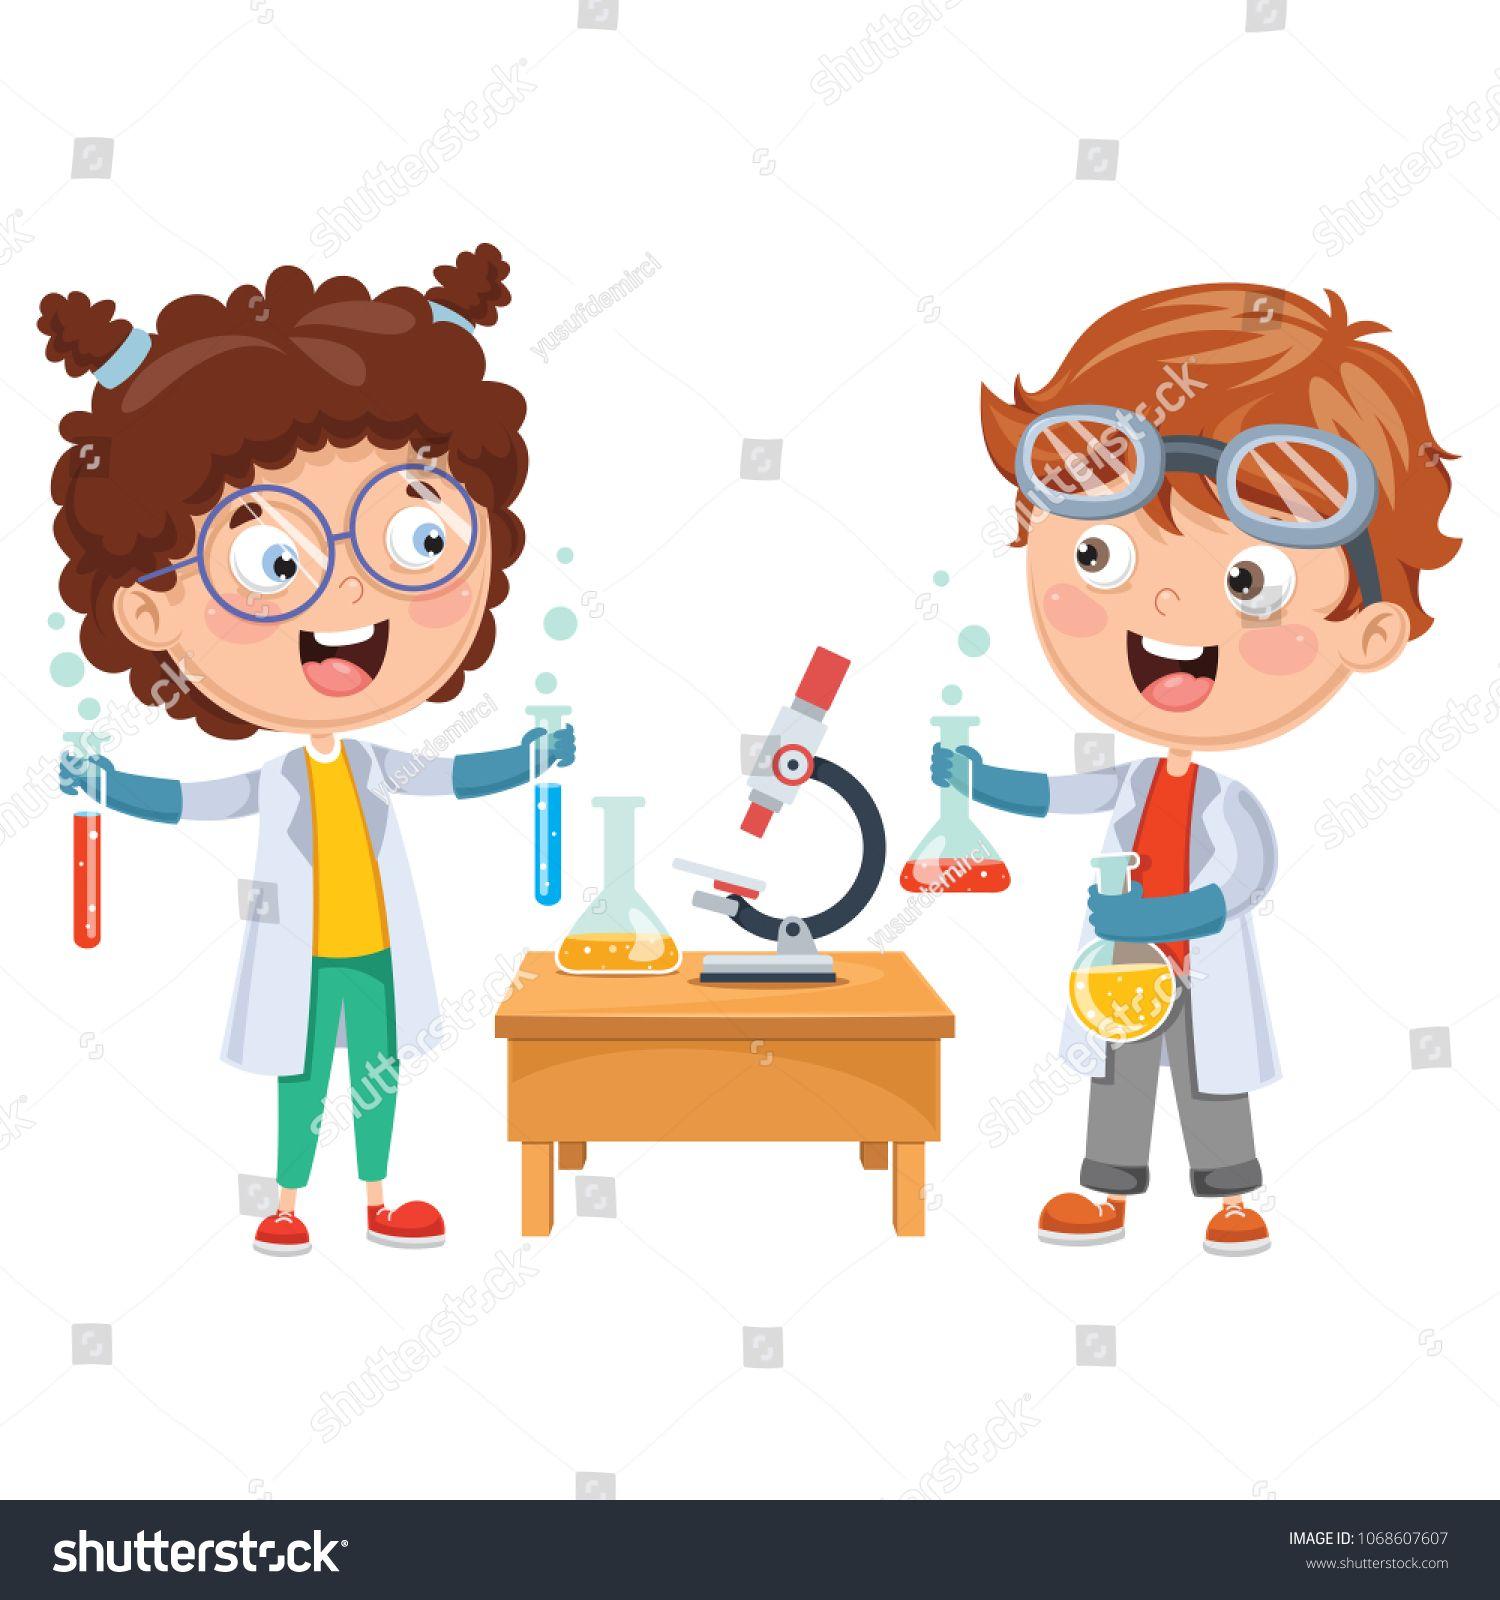 Vector Illustrations Of Kids Having Chemistry Lesson Illustrations Vector Kids Lesson Chemistry Lessons Chemistry Drawing For Kids [ 1600 x 1500 Pixel ]